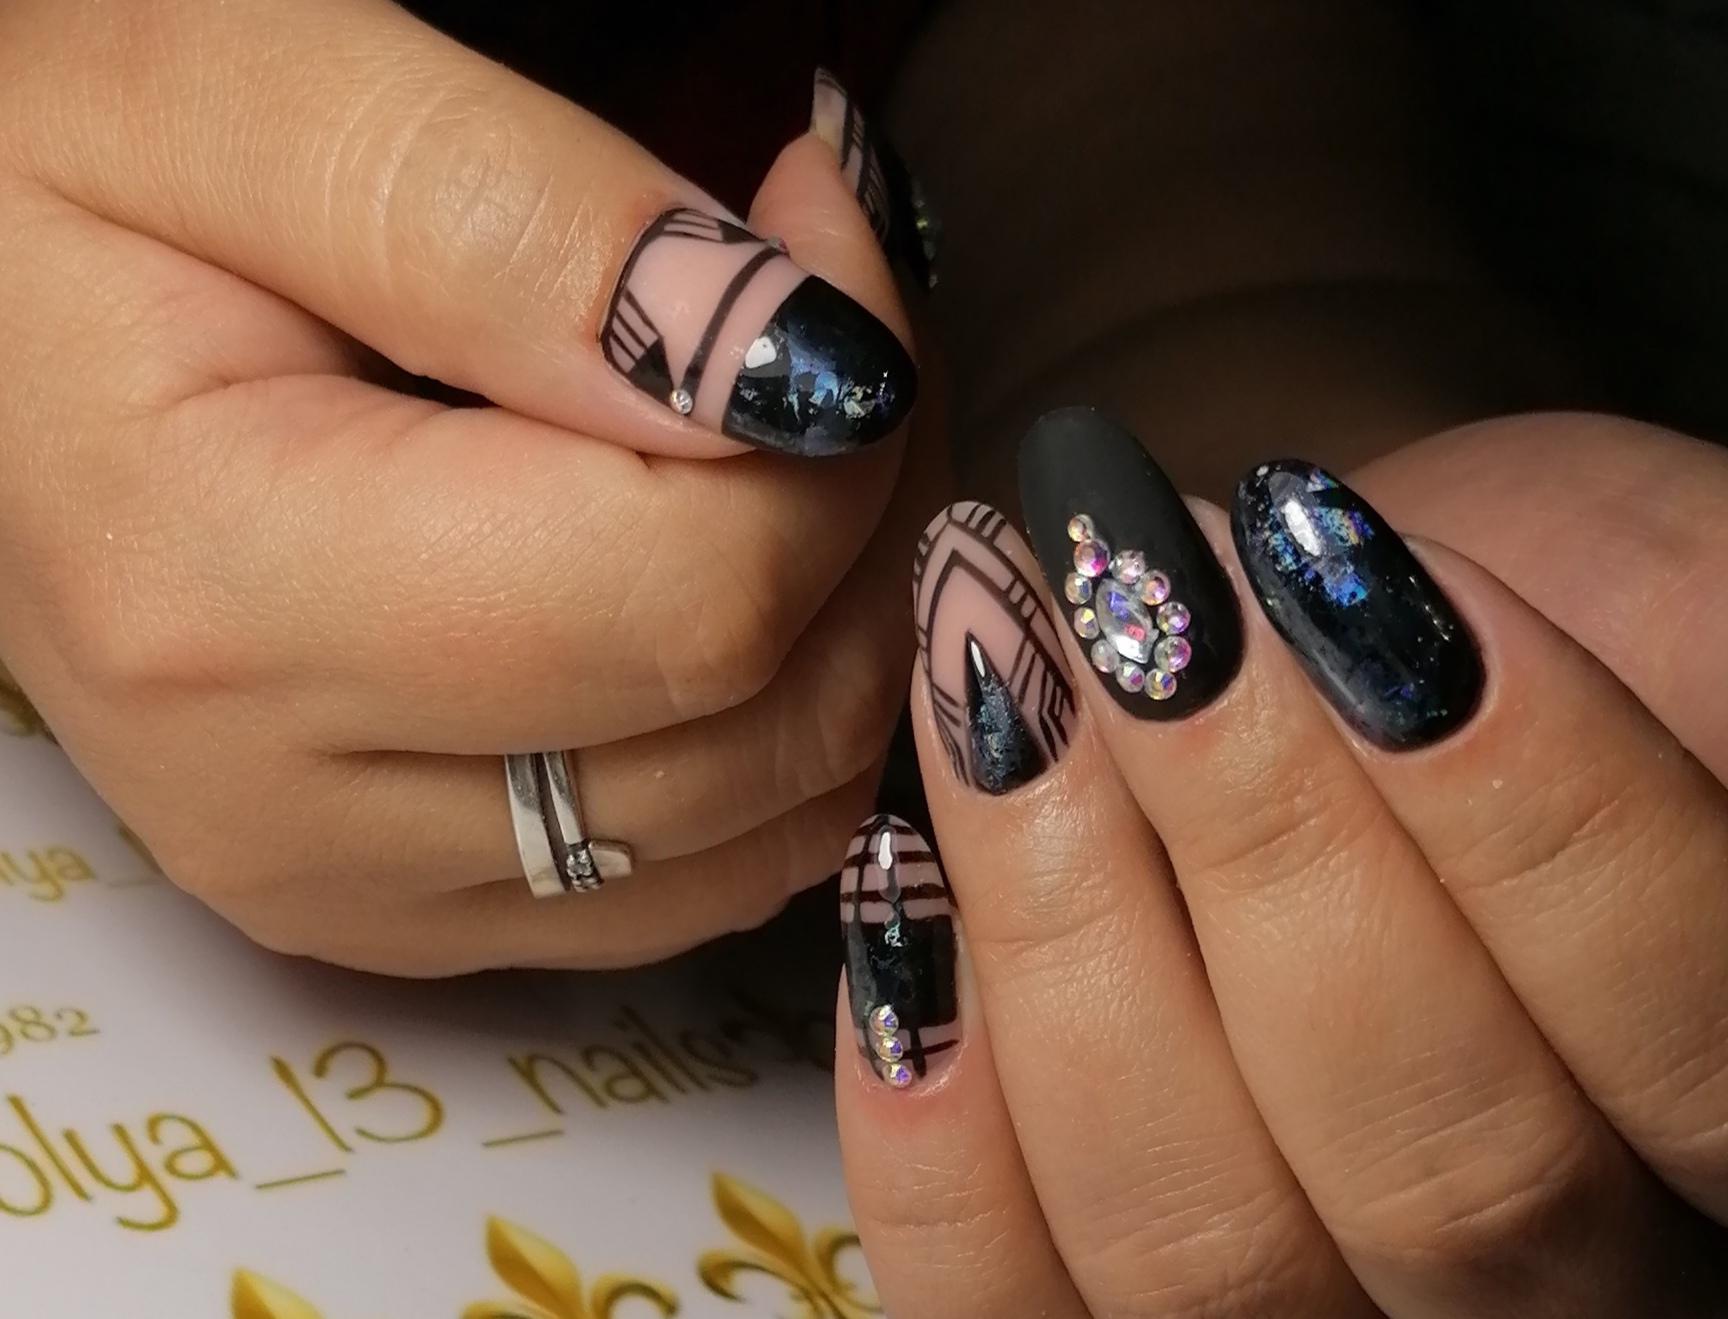 Геометрический маникюр со стразами в черном цвете на длинные ногти.